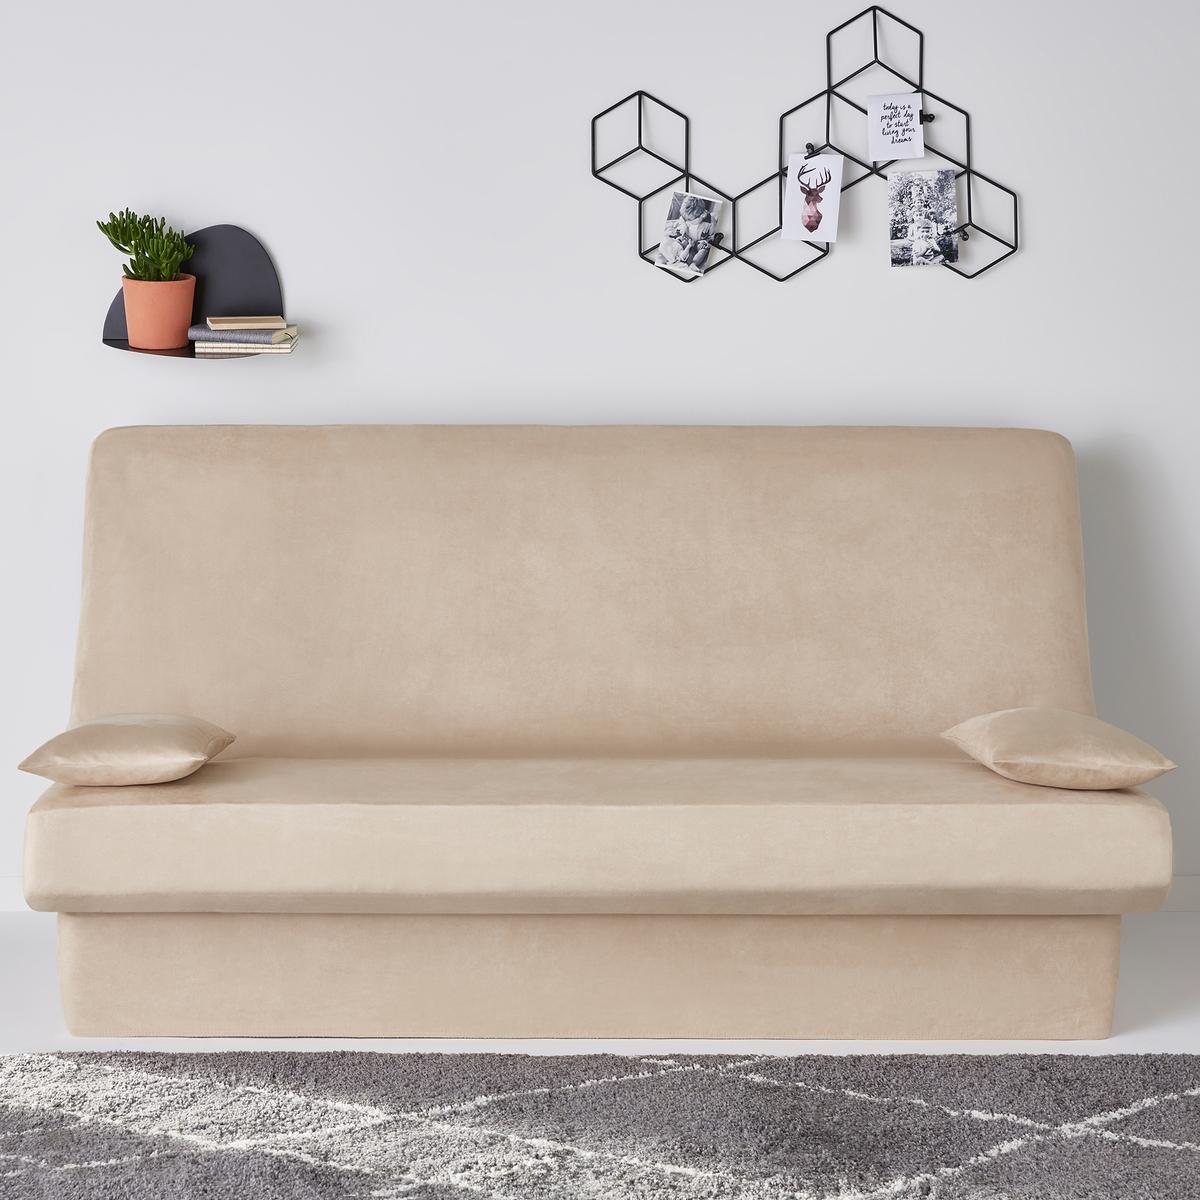 Чехол для раскладного дивана из искусственной замши, KALAОписание:Чехол для раскладного дивана из искусственной замши, KALA  . Преобразите ваш интерьер с помощью этого ультра мягкого и бархатистого чехла для раскладного дивана из искусственной замши! Быстро и просто адаптируется к размерам вашего дивана. Можно использовать в сочетании с чехлом на основание дивана KALA.Характеристики чехла для раскладного дивана KALA :-микрофибра из искусственной замши 100% полиэстер-Отделка резинкойРазмеры чехла для раскладного дивана KALA :-ширина 190 см-глубина 65 см.Рекомендации по уходу :Машинная стирка при 30°C<br><br>Цвет: бежевый,серый